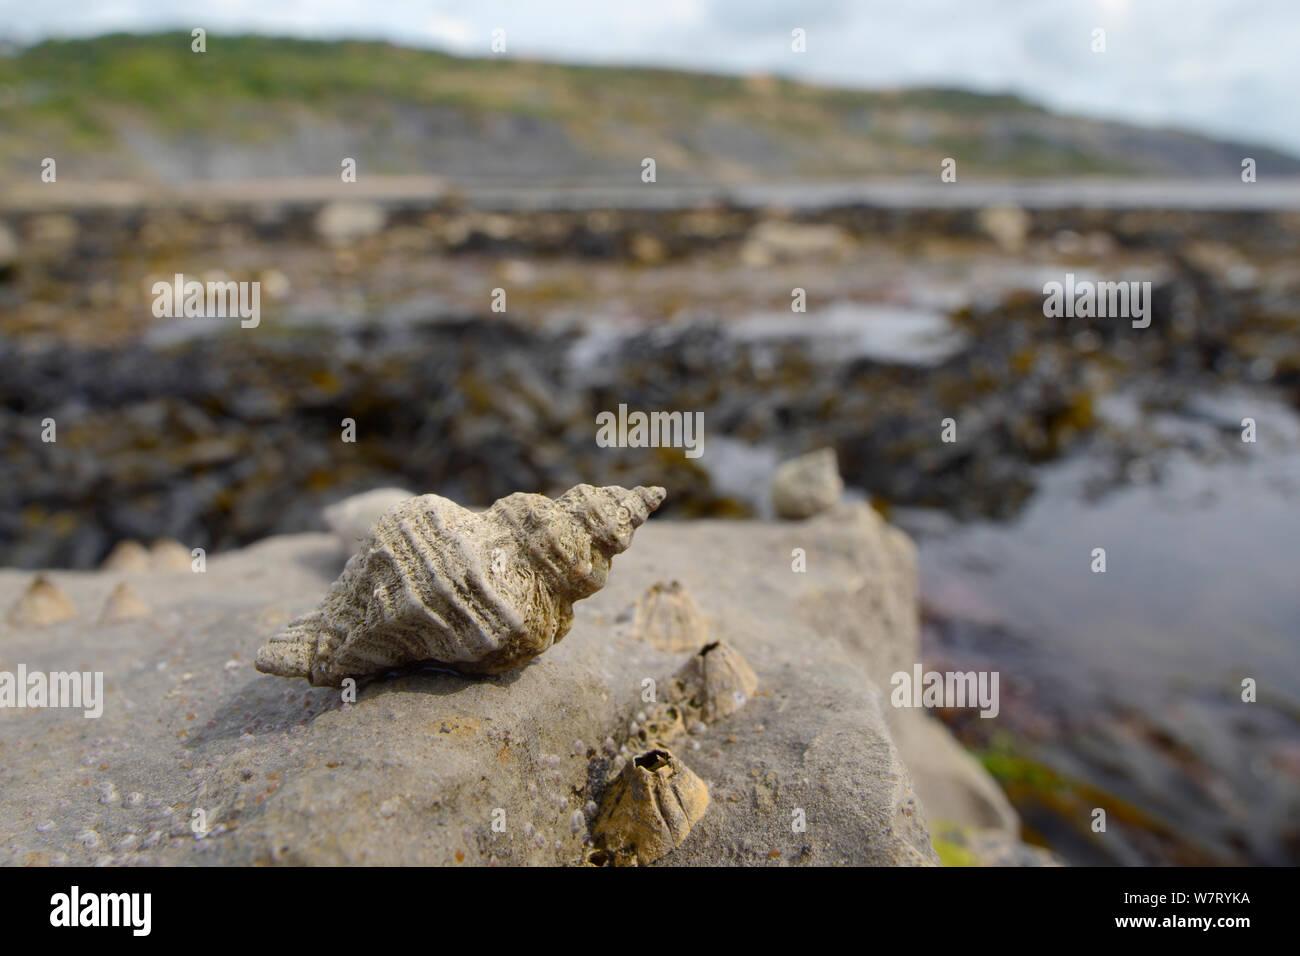 Oyster europea trapano / Sting winkle (Ocenebra erinacea) una peste di ostriche, sulle rocce a bassa in riva al fianco di Acorn barnacles (Balanus perforatus) esposta a bassa marea, con alghe, piscine di roccia e il mare in background, Lyme Regis, Dorset, Regno Unito, maggio. Foto Stock